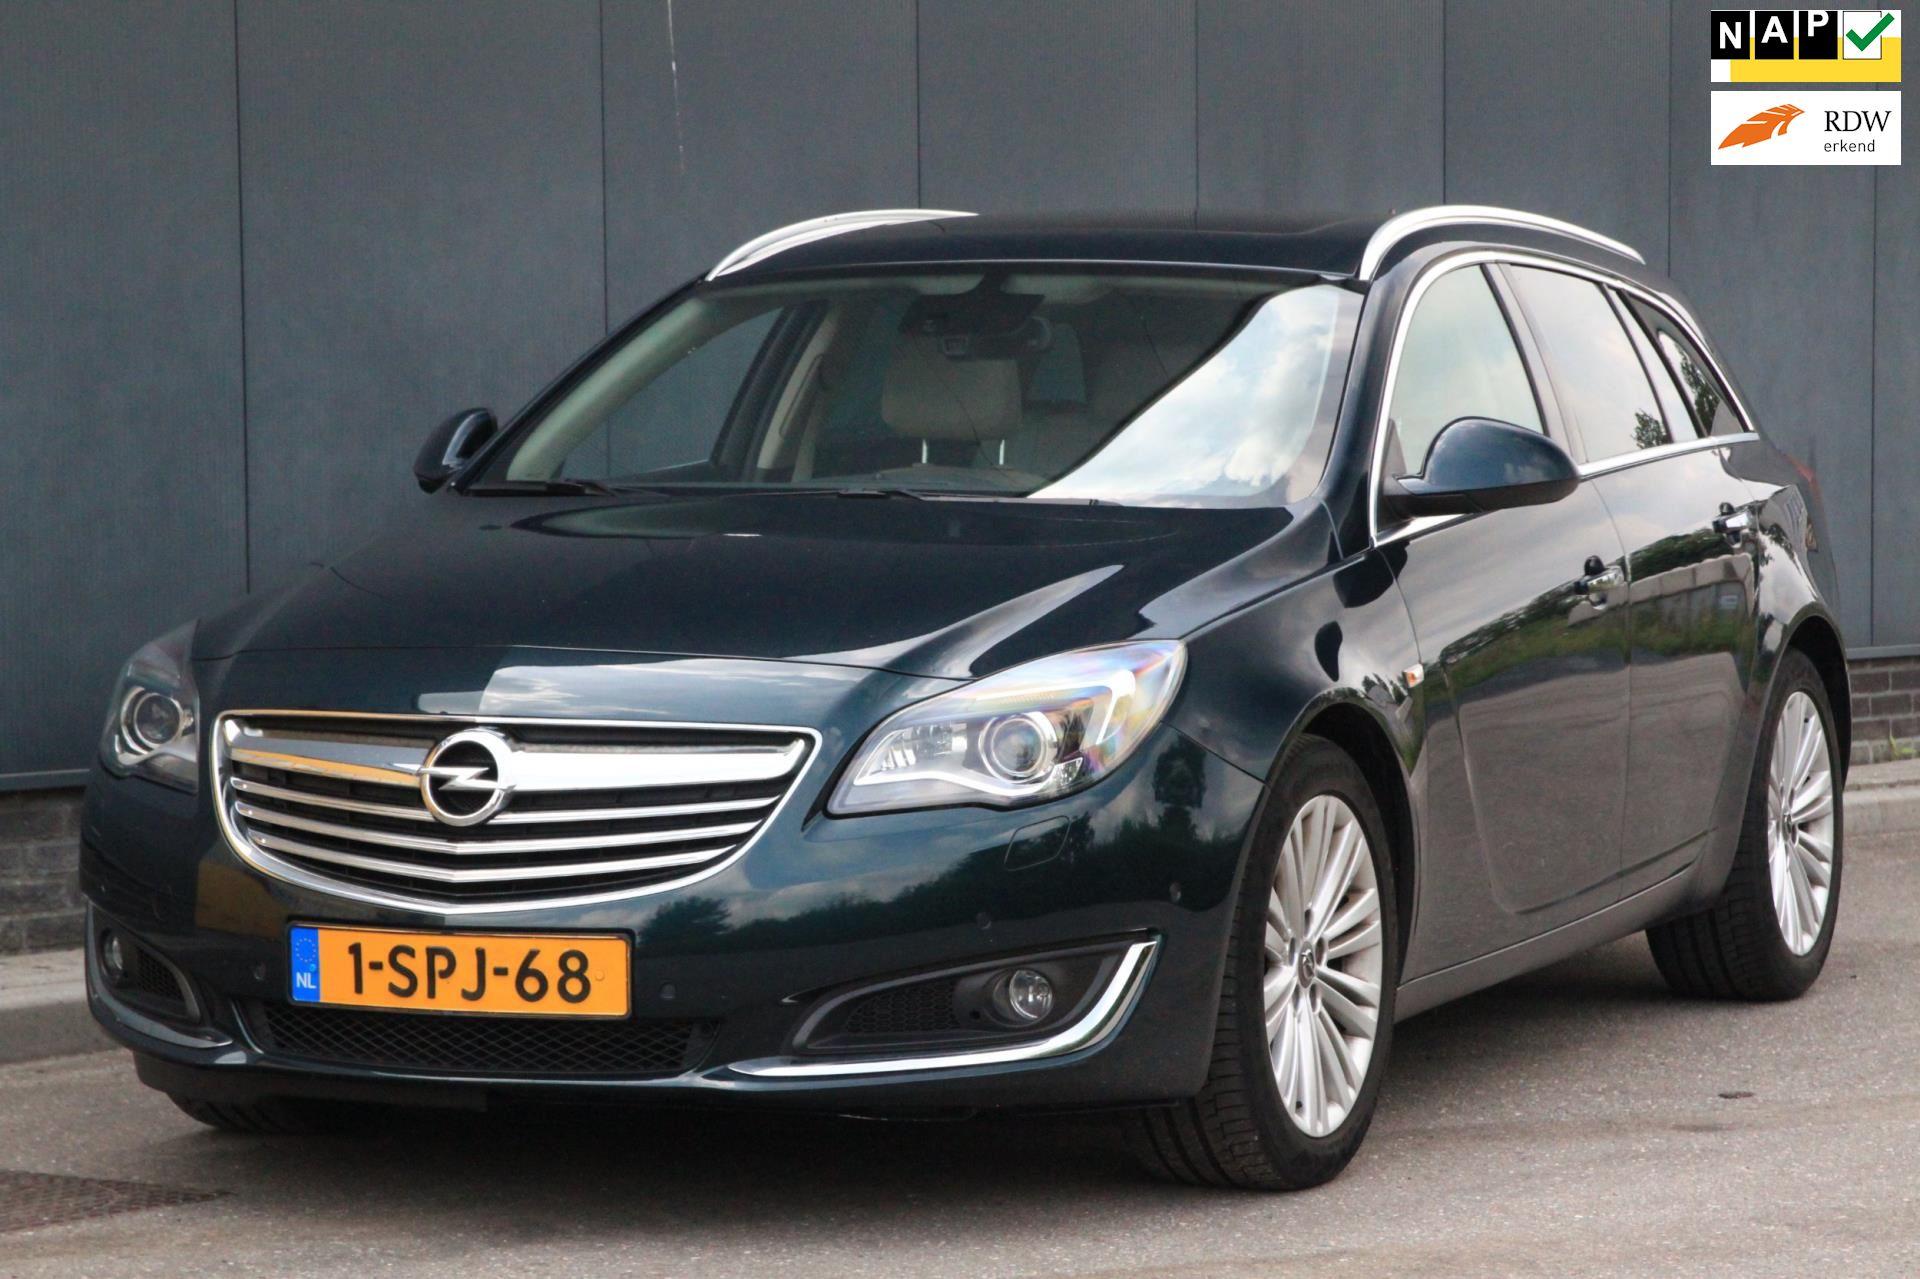 Opel Insignia Sports Tourer occasion - Auto Hoeve B.V.